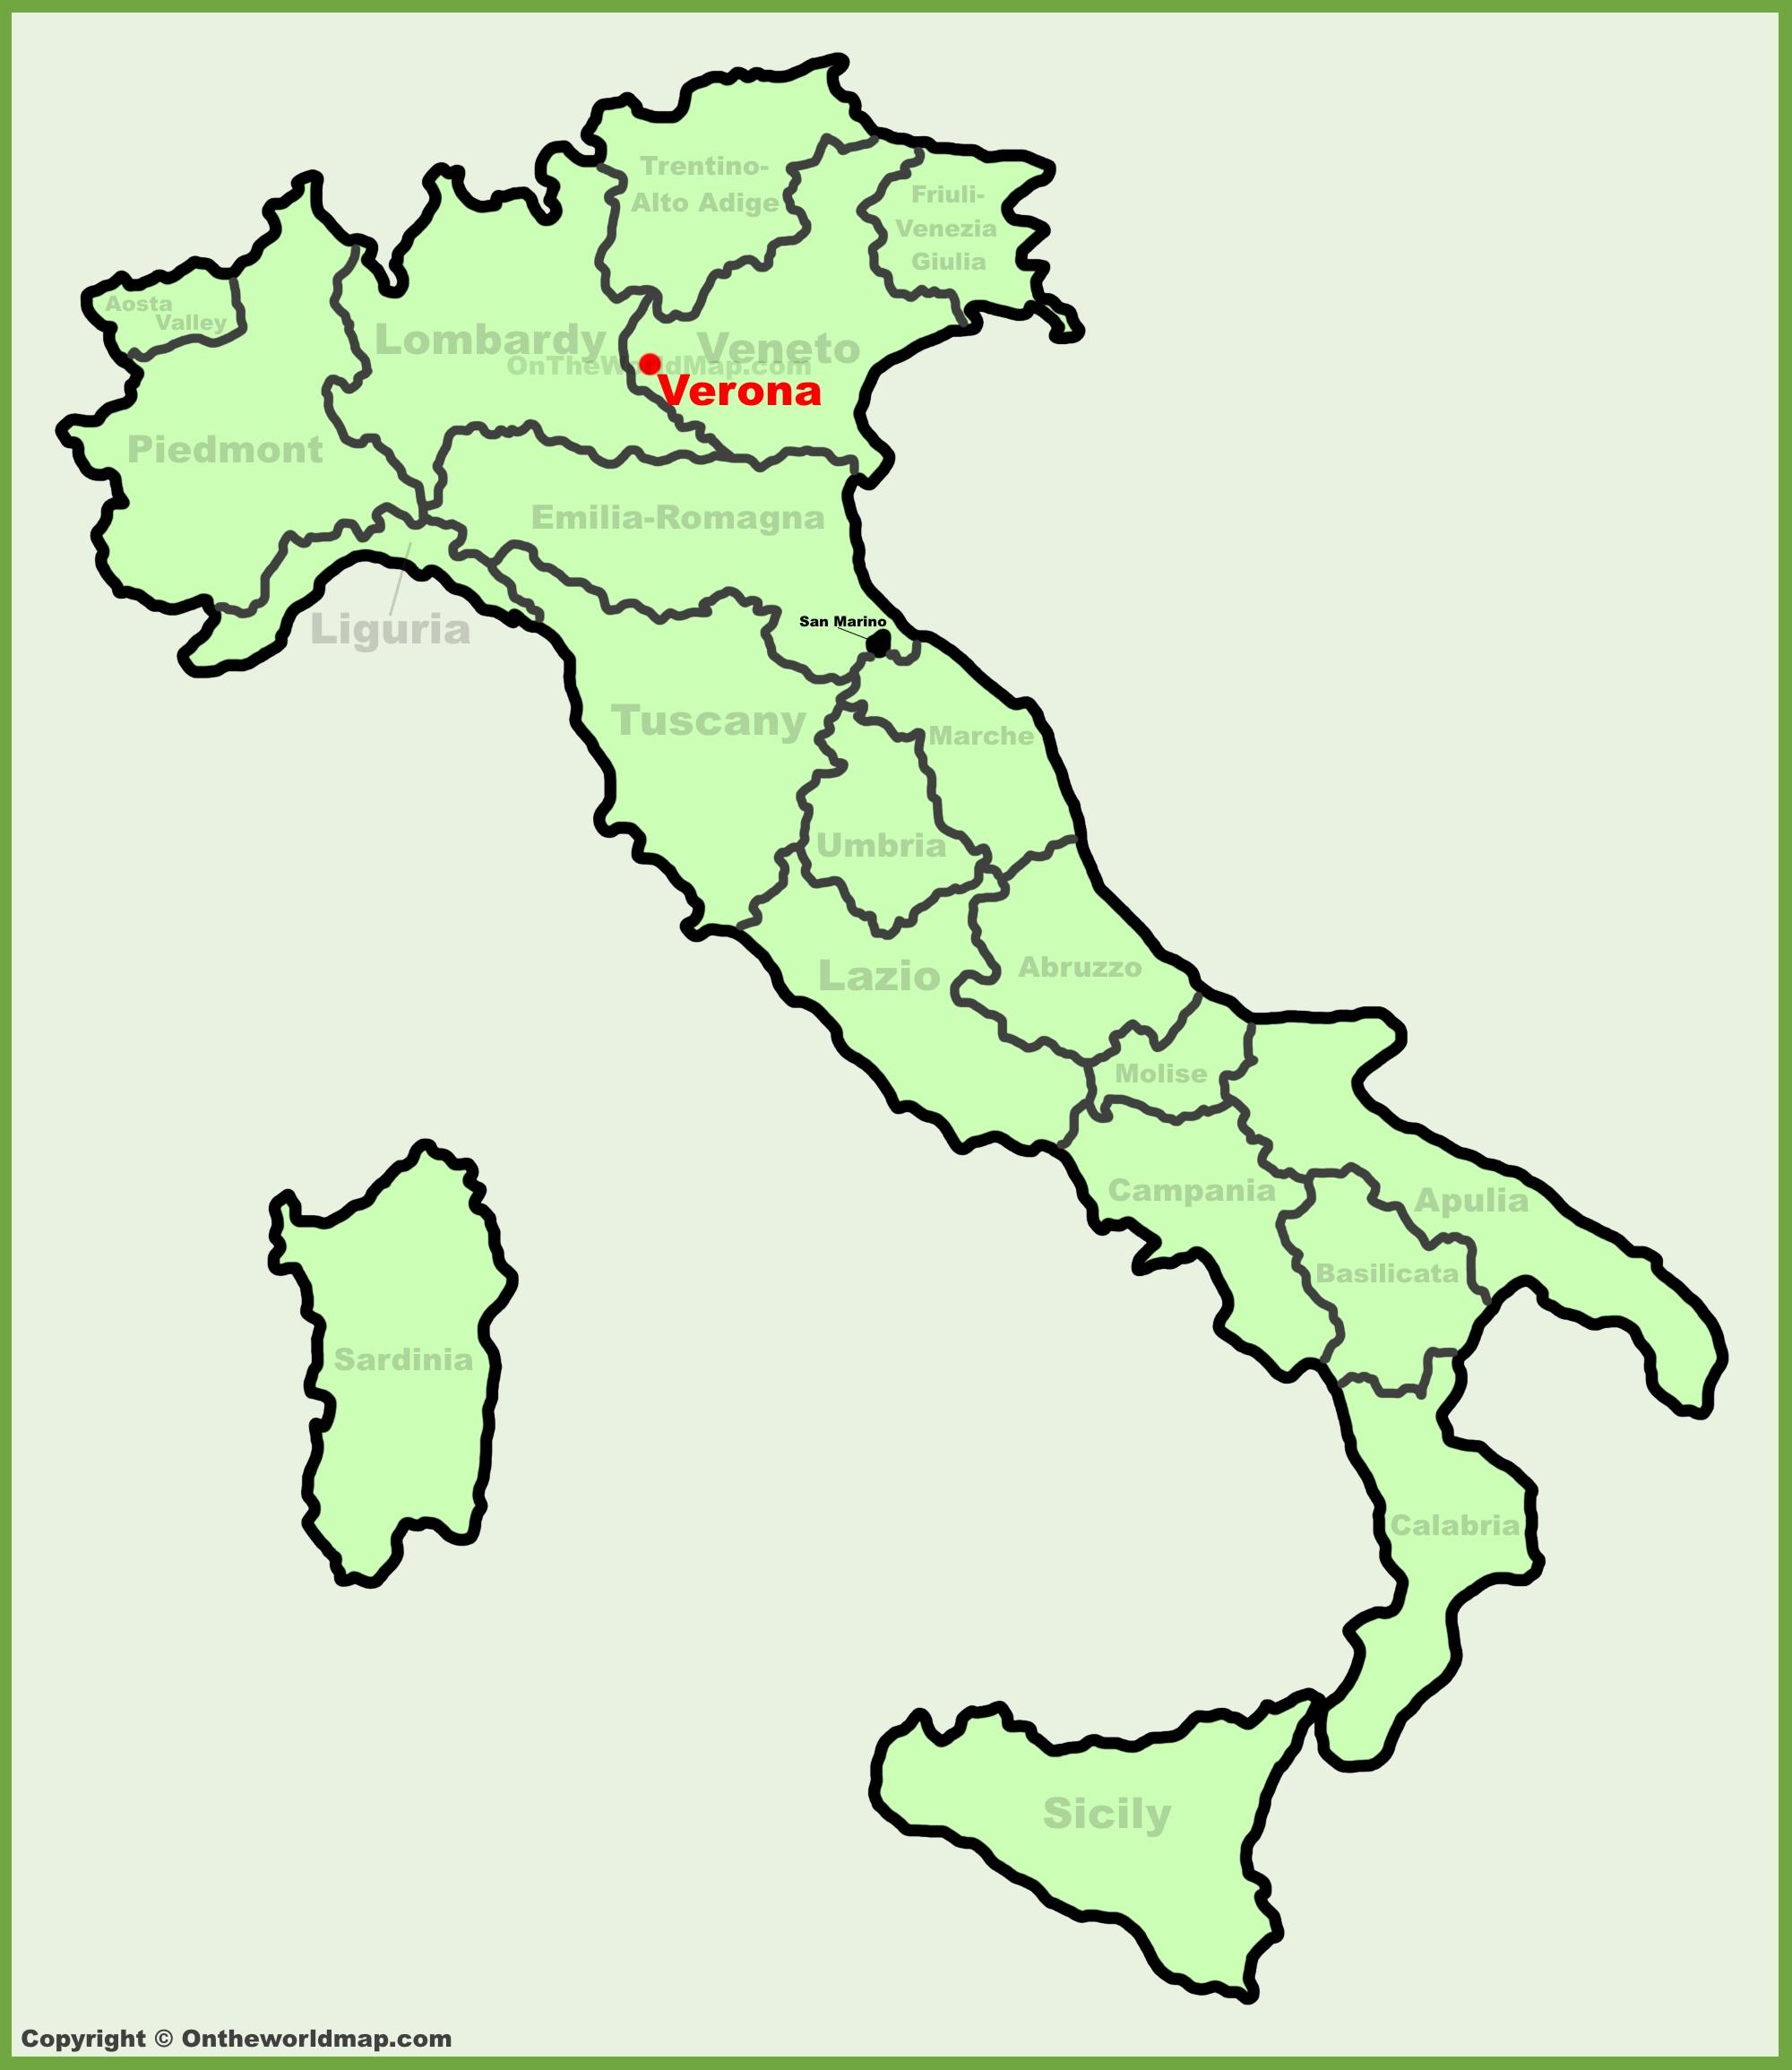 Verona location on the Italy map